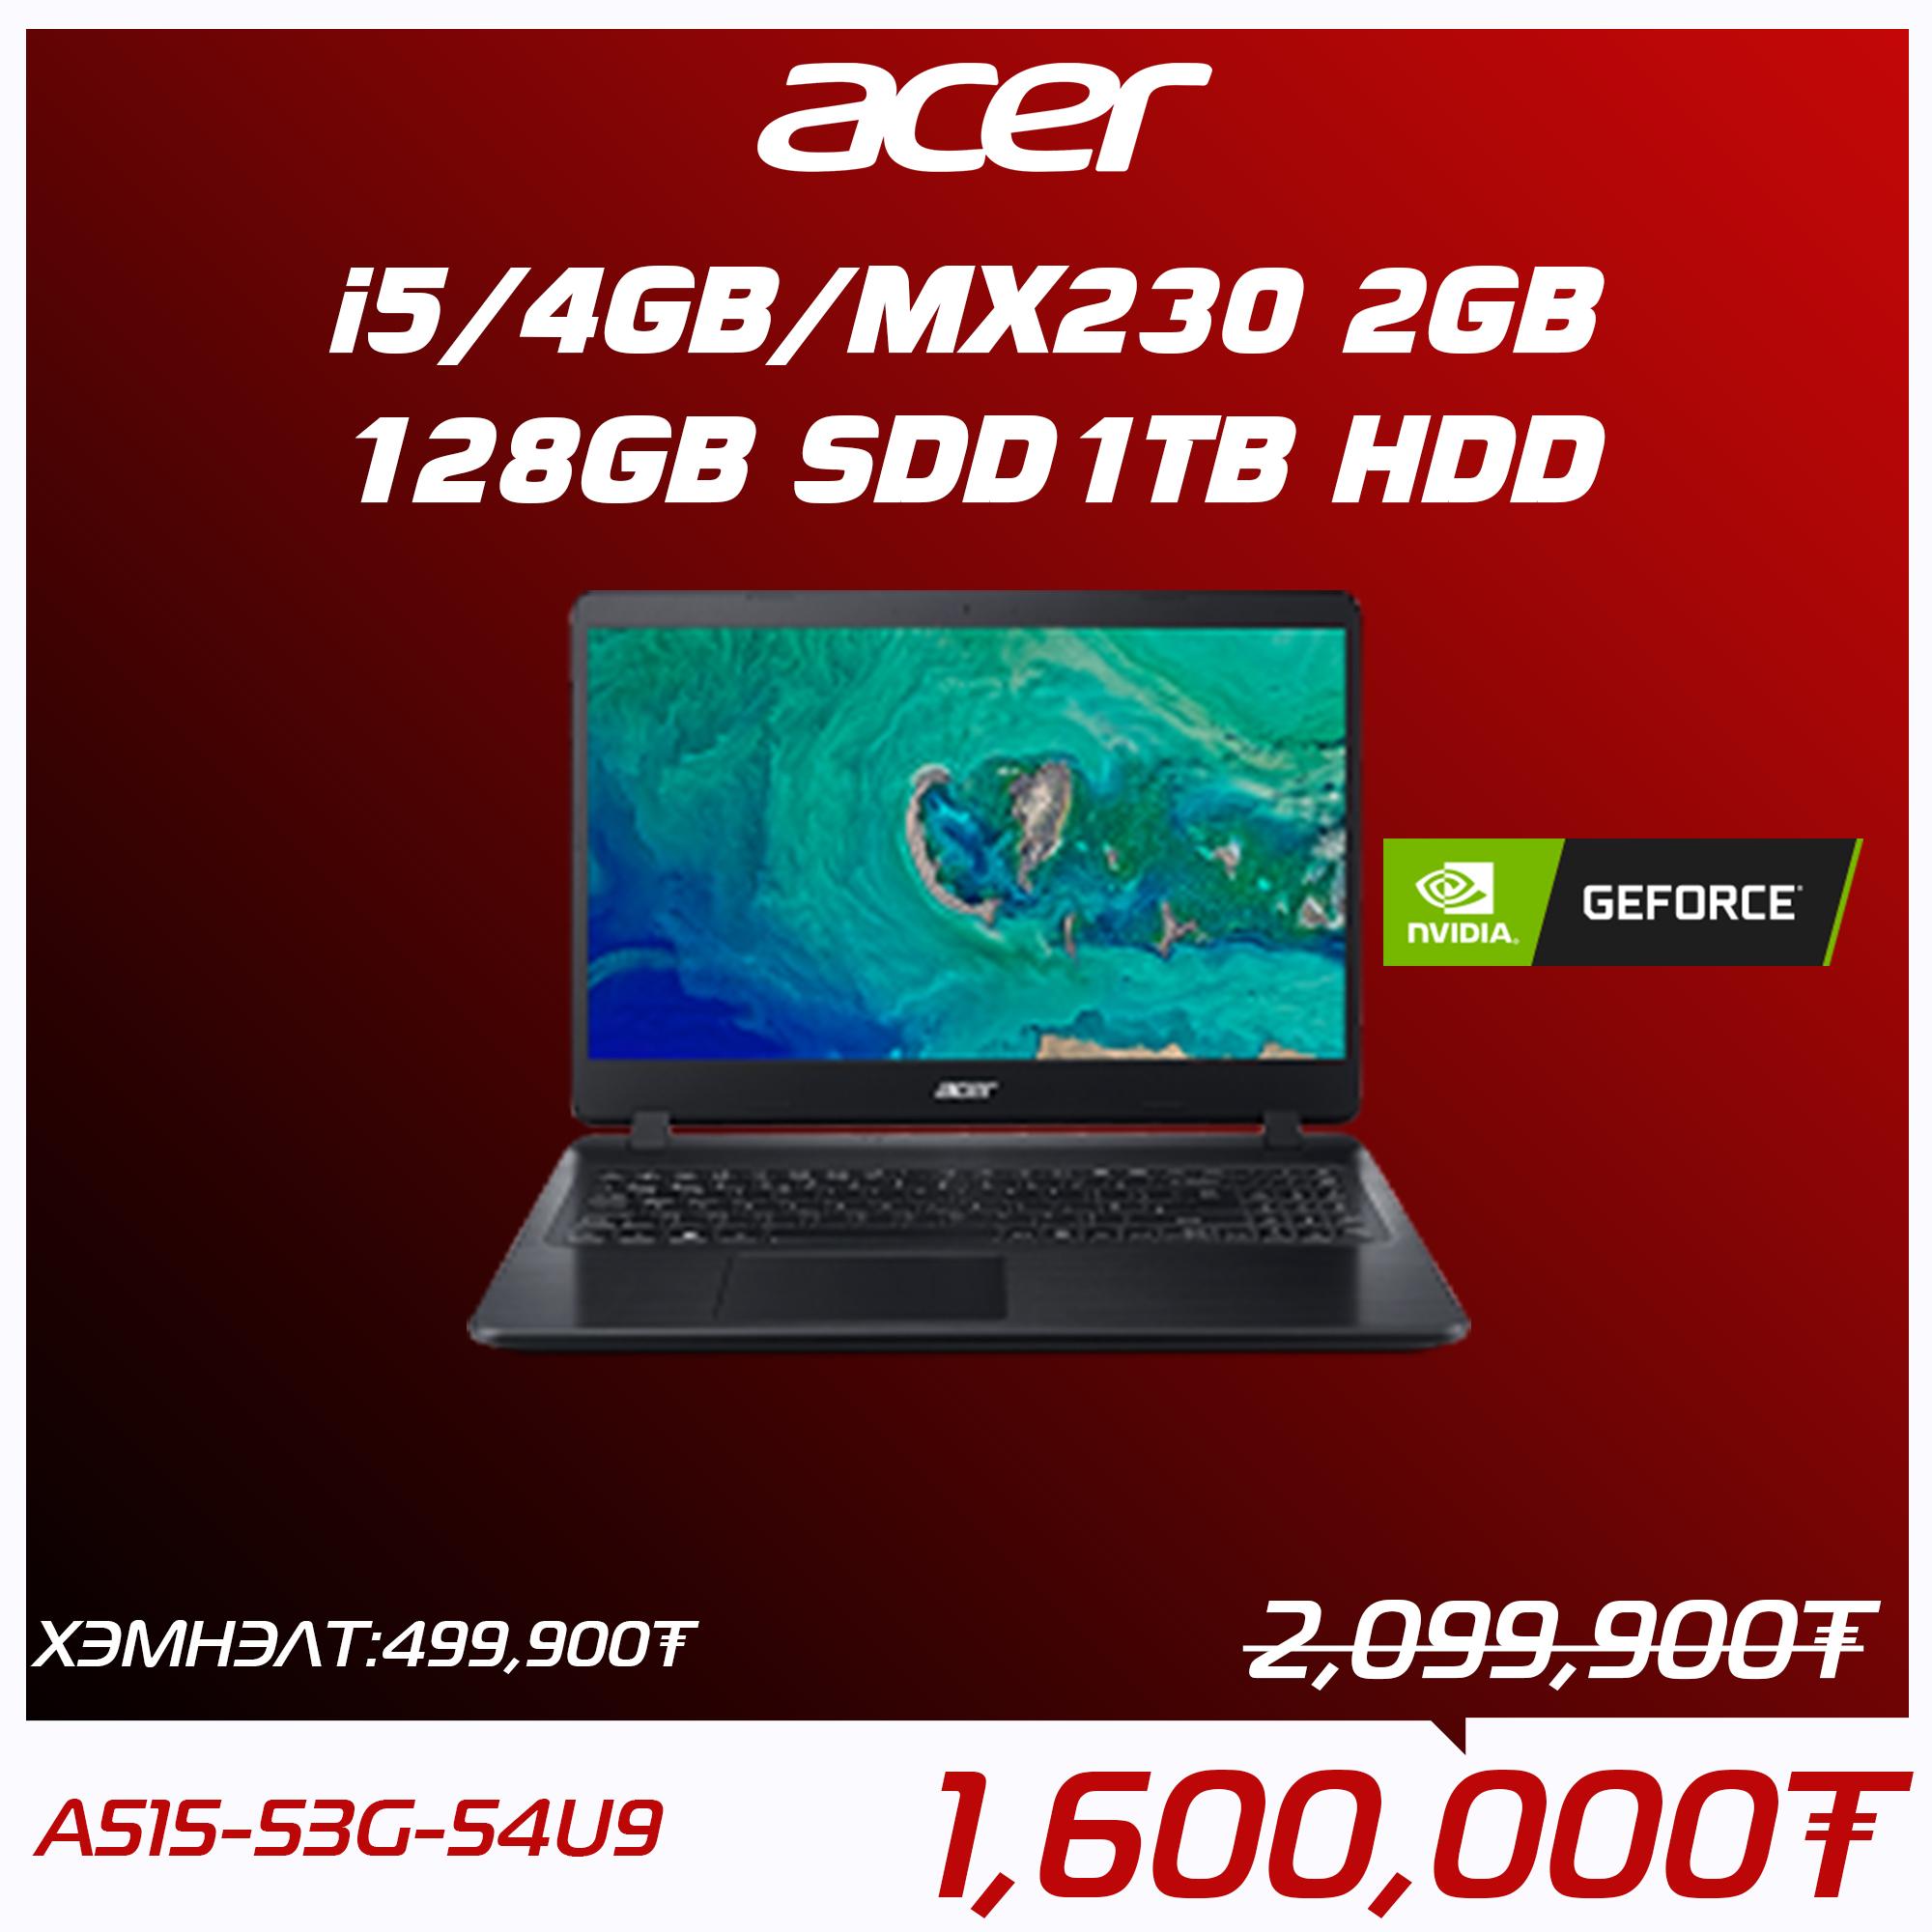 ACER A515-53G-54U9